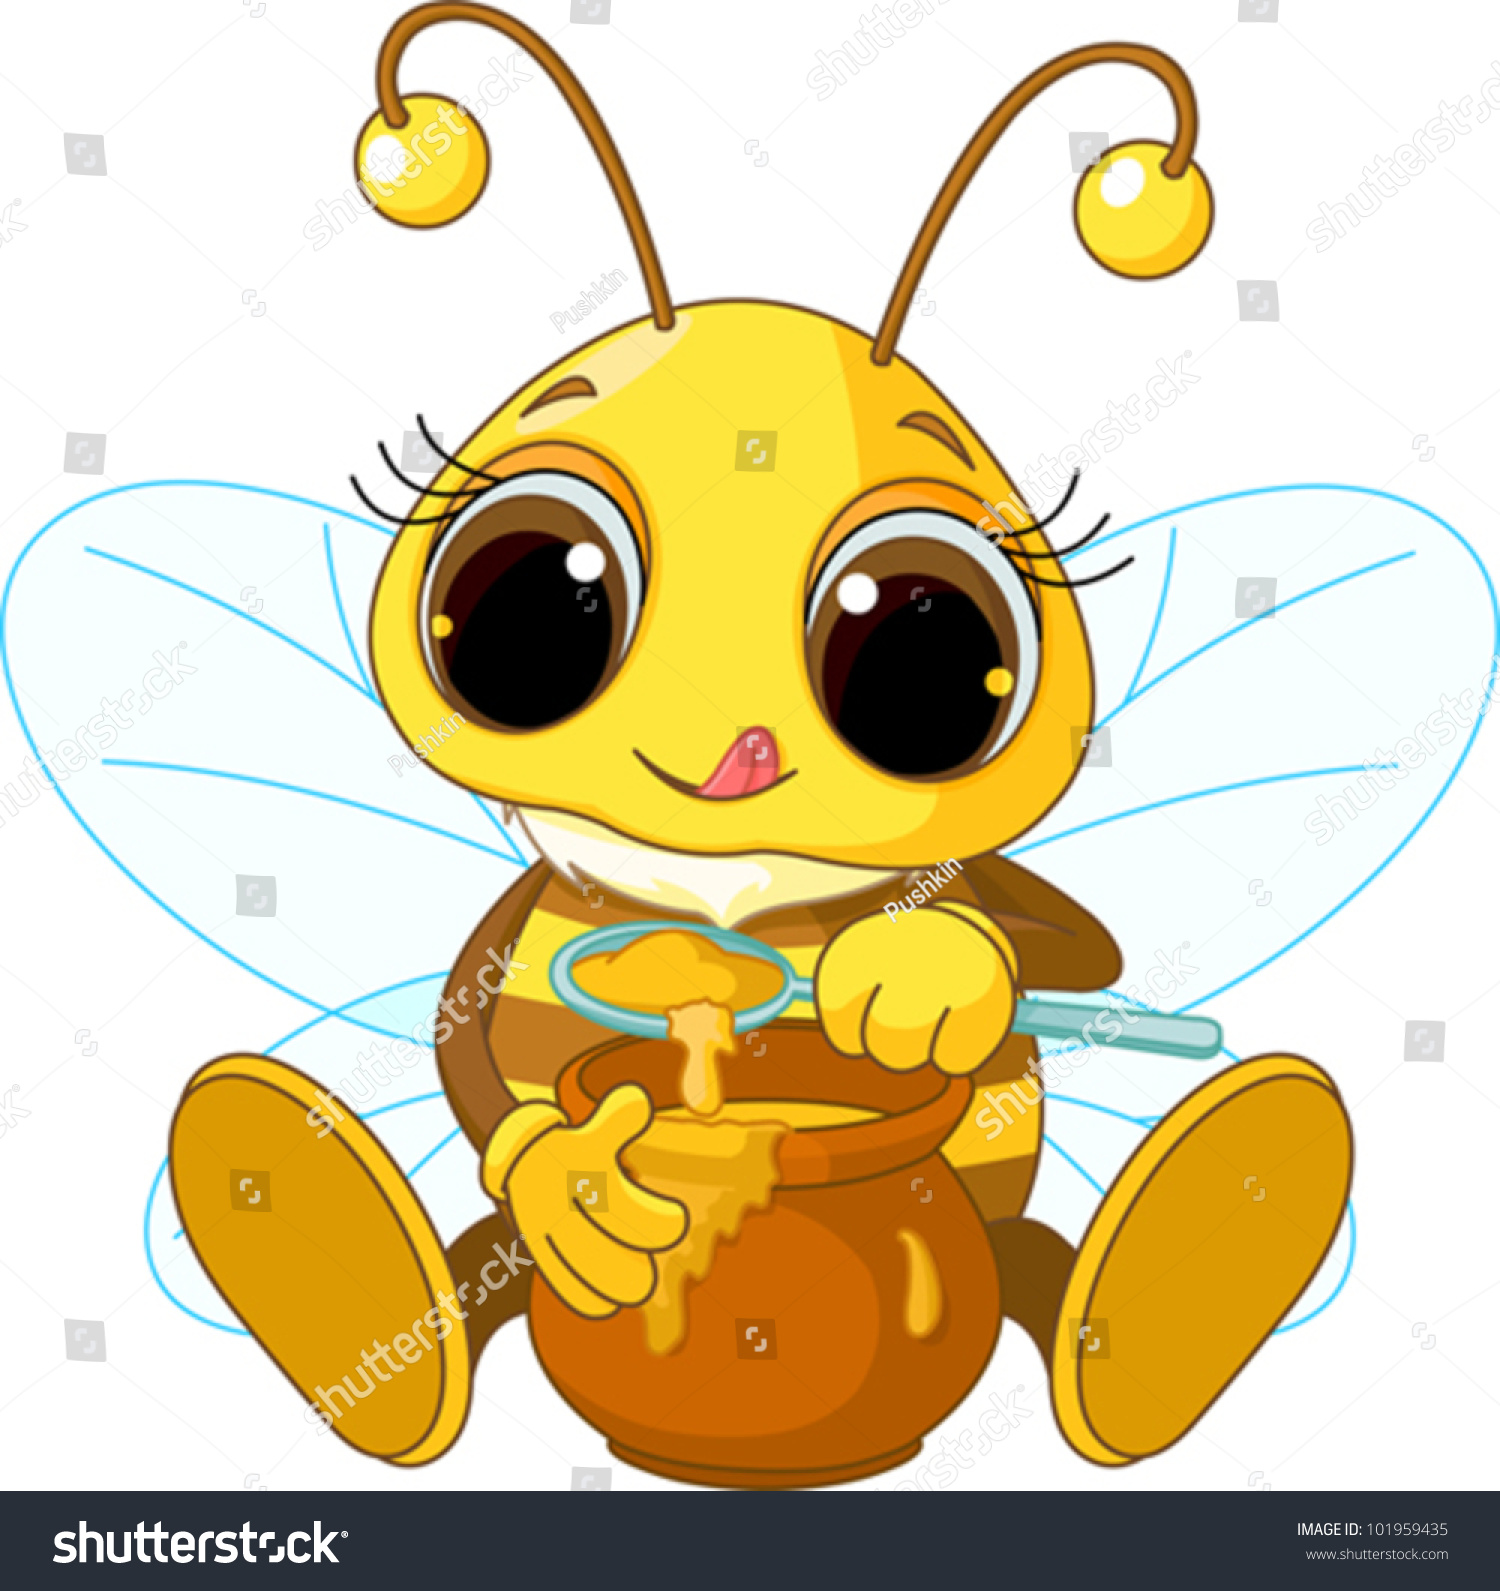 可爱蜜蜂吃蜂蜜的说明-动物/野生生物